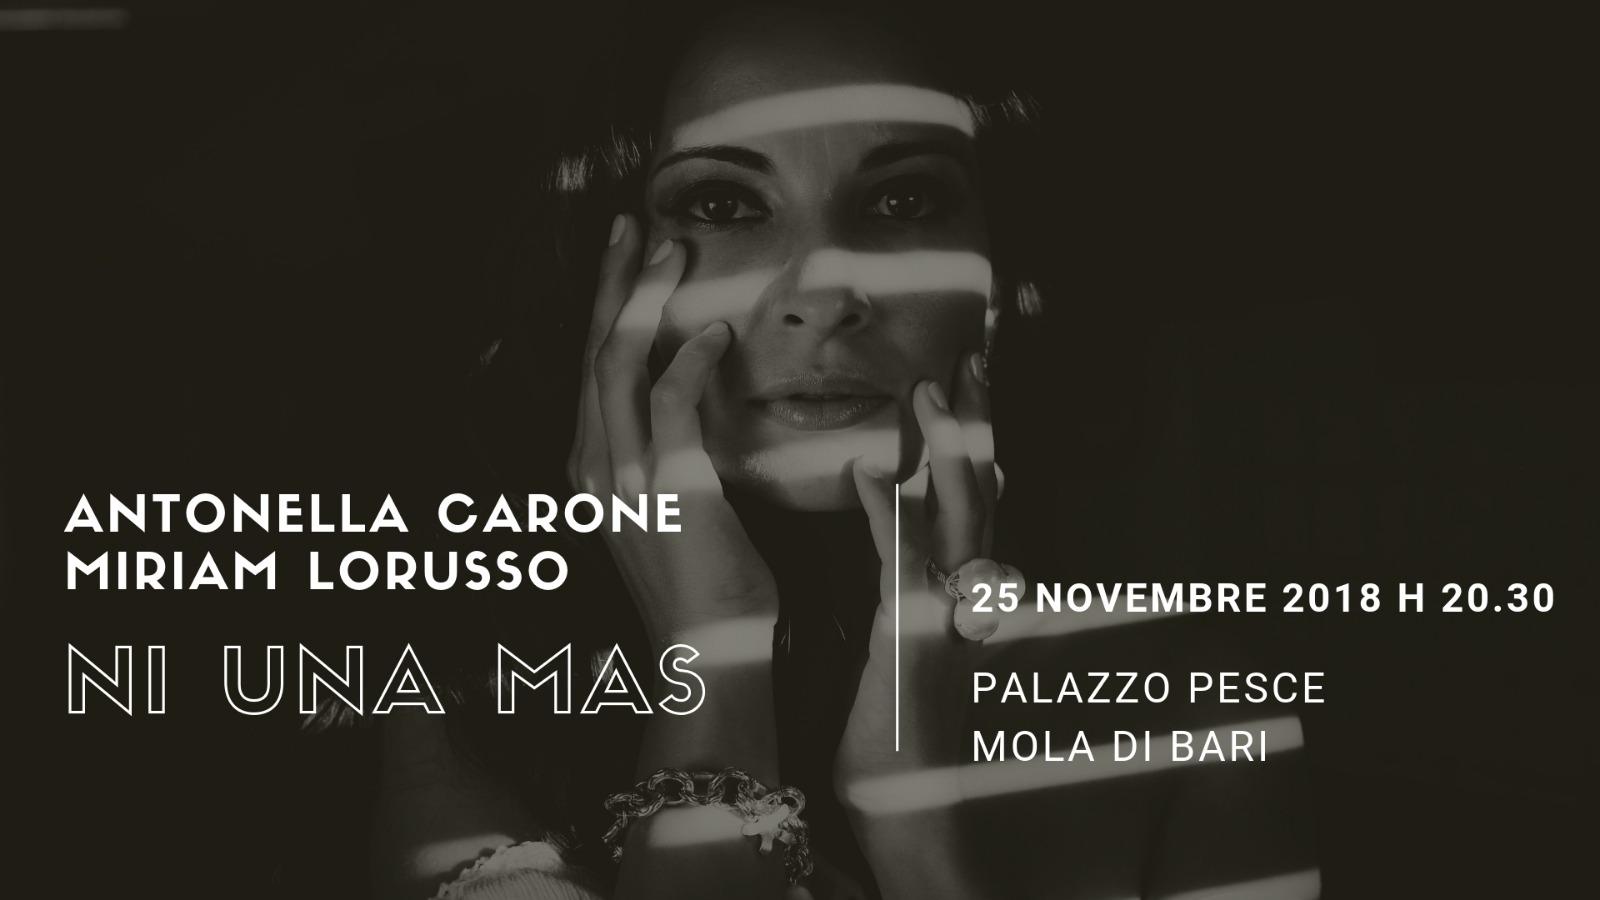 25 novembre 2018 Ni una mas a Palazzo Pesce